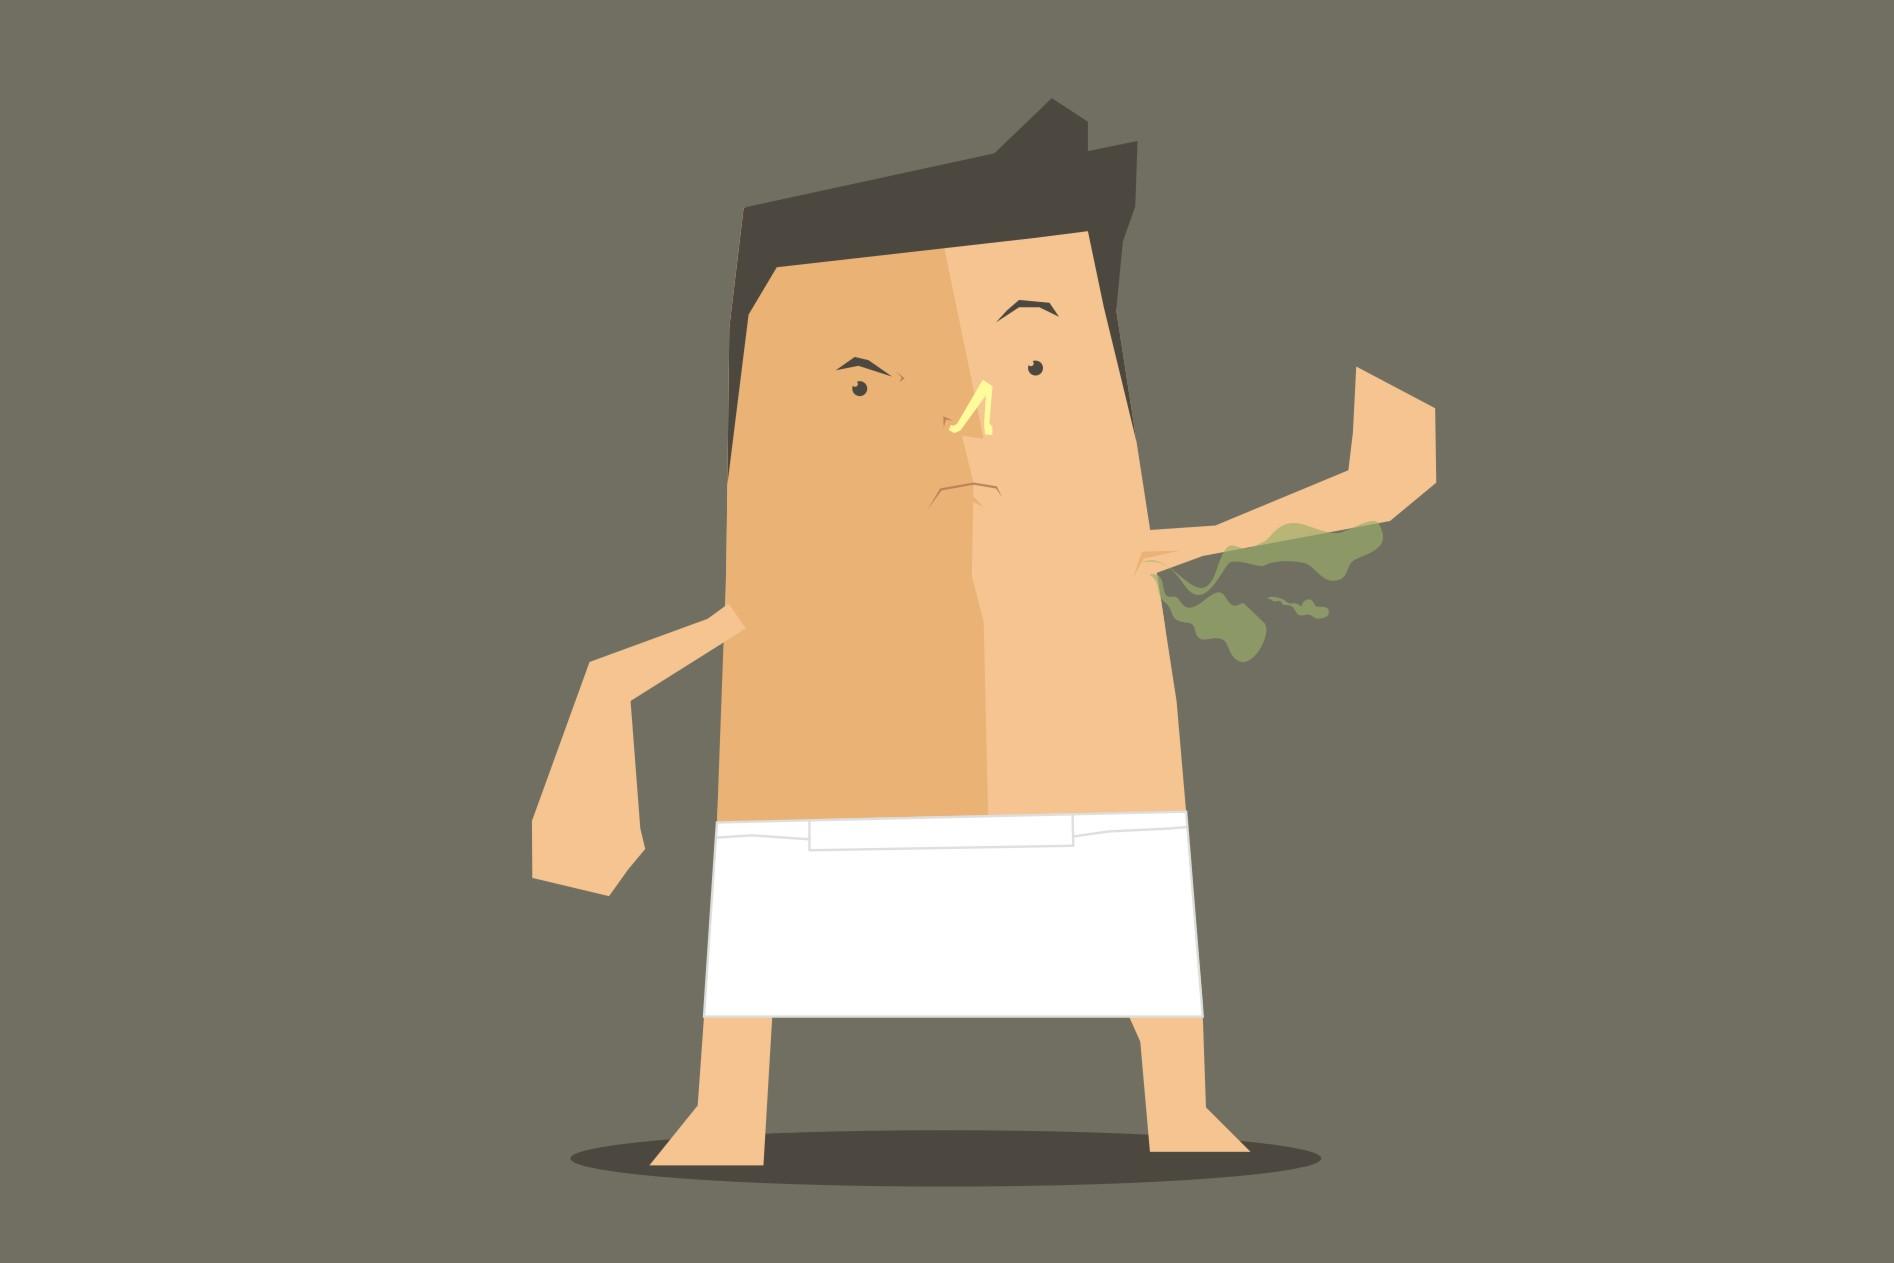 Meski bau, keringat ternyata punya 7 manfaat untuk kesehatan kamu lho!